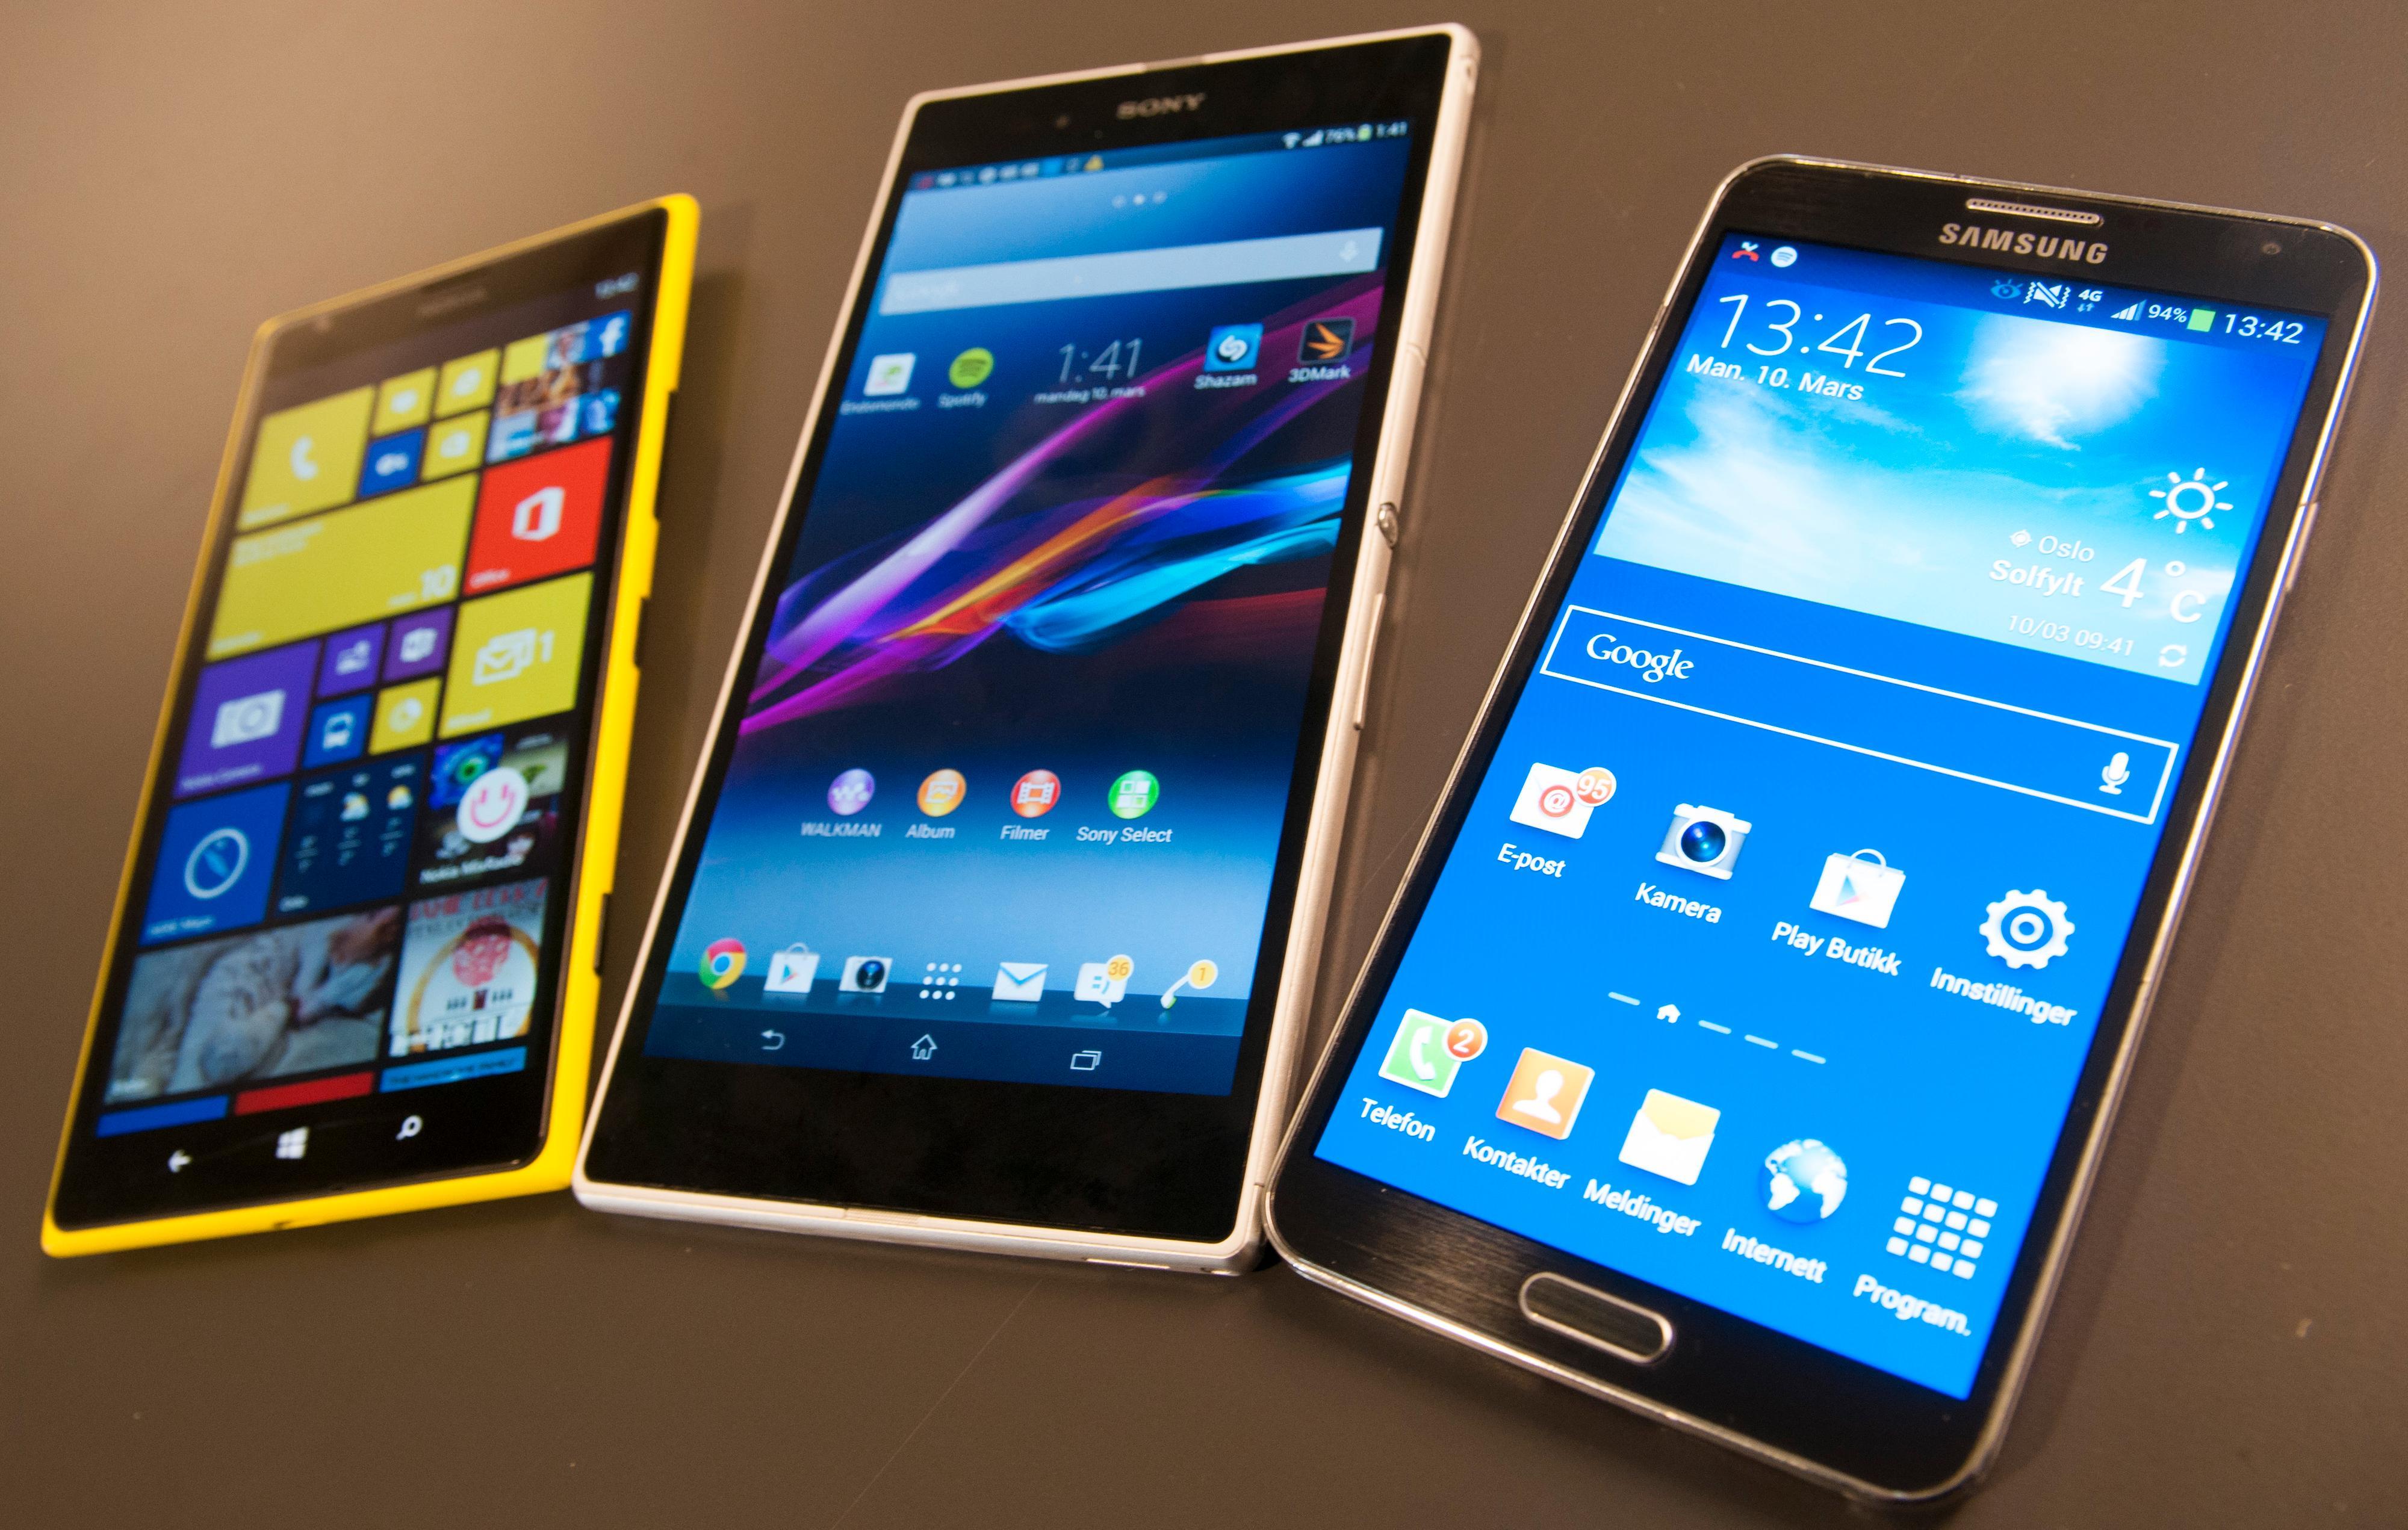 Valgets kval: Nokia, Sony eller Samsung?Foto: Finn Jarle Kvalheim, Amobil.no